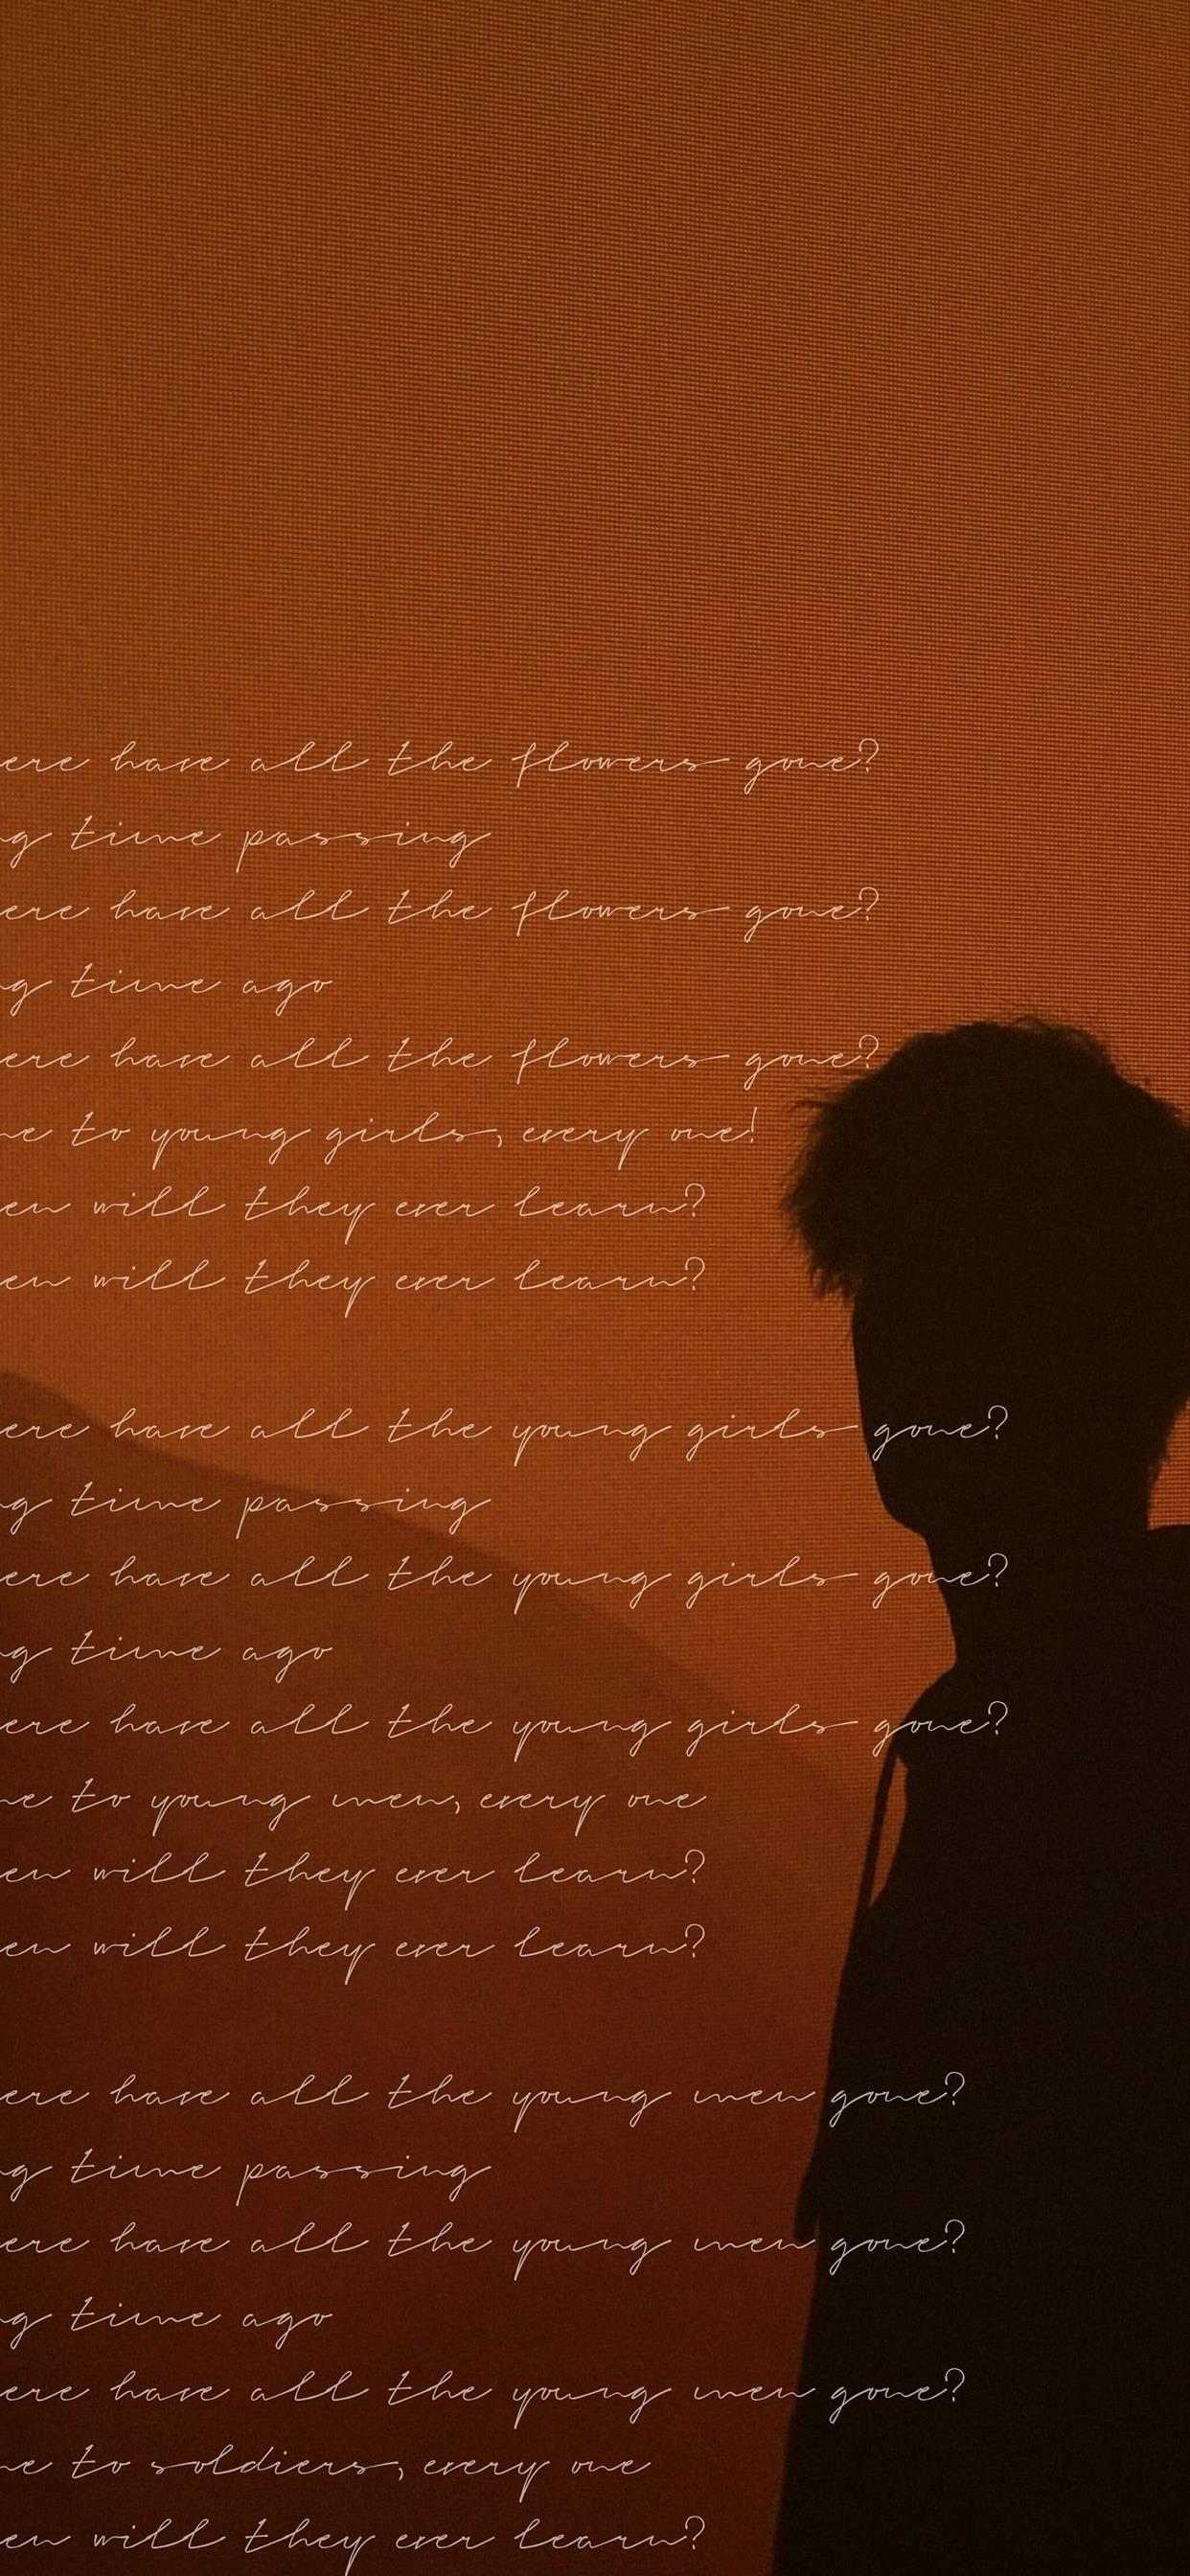 唯美落日风景摄影手机壁纸